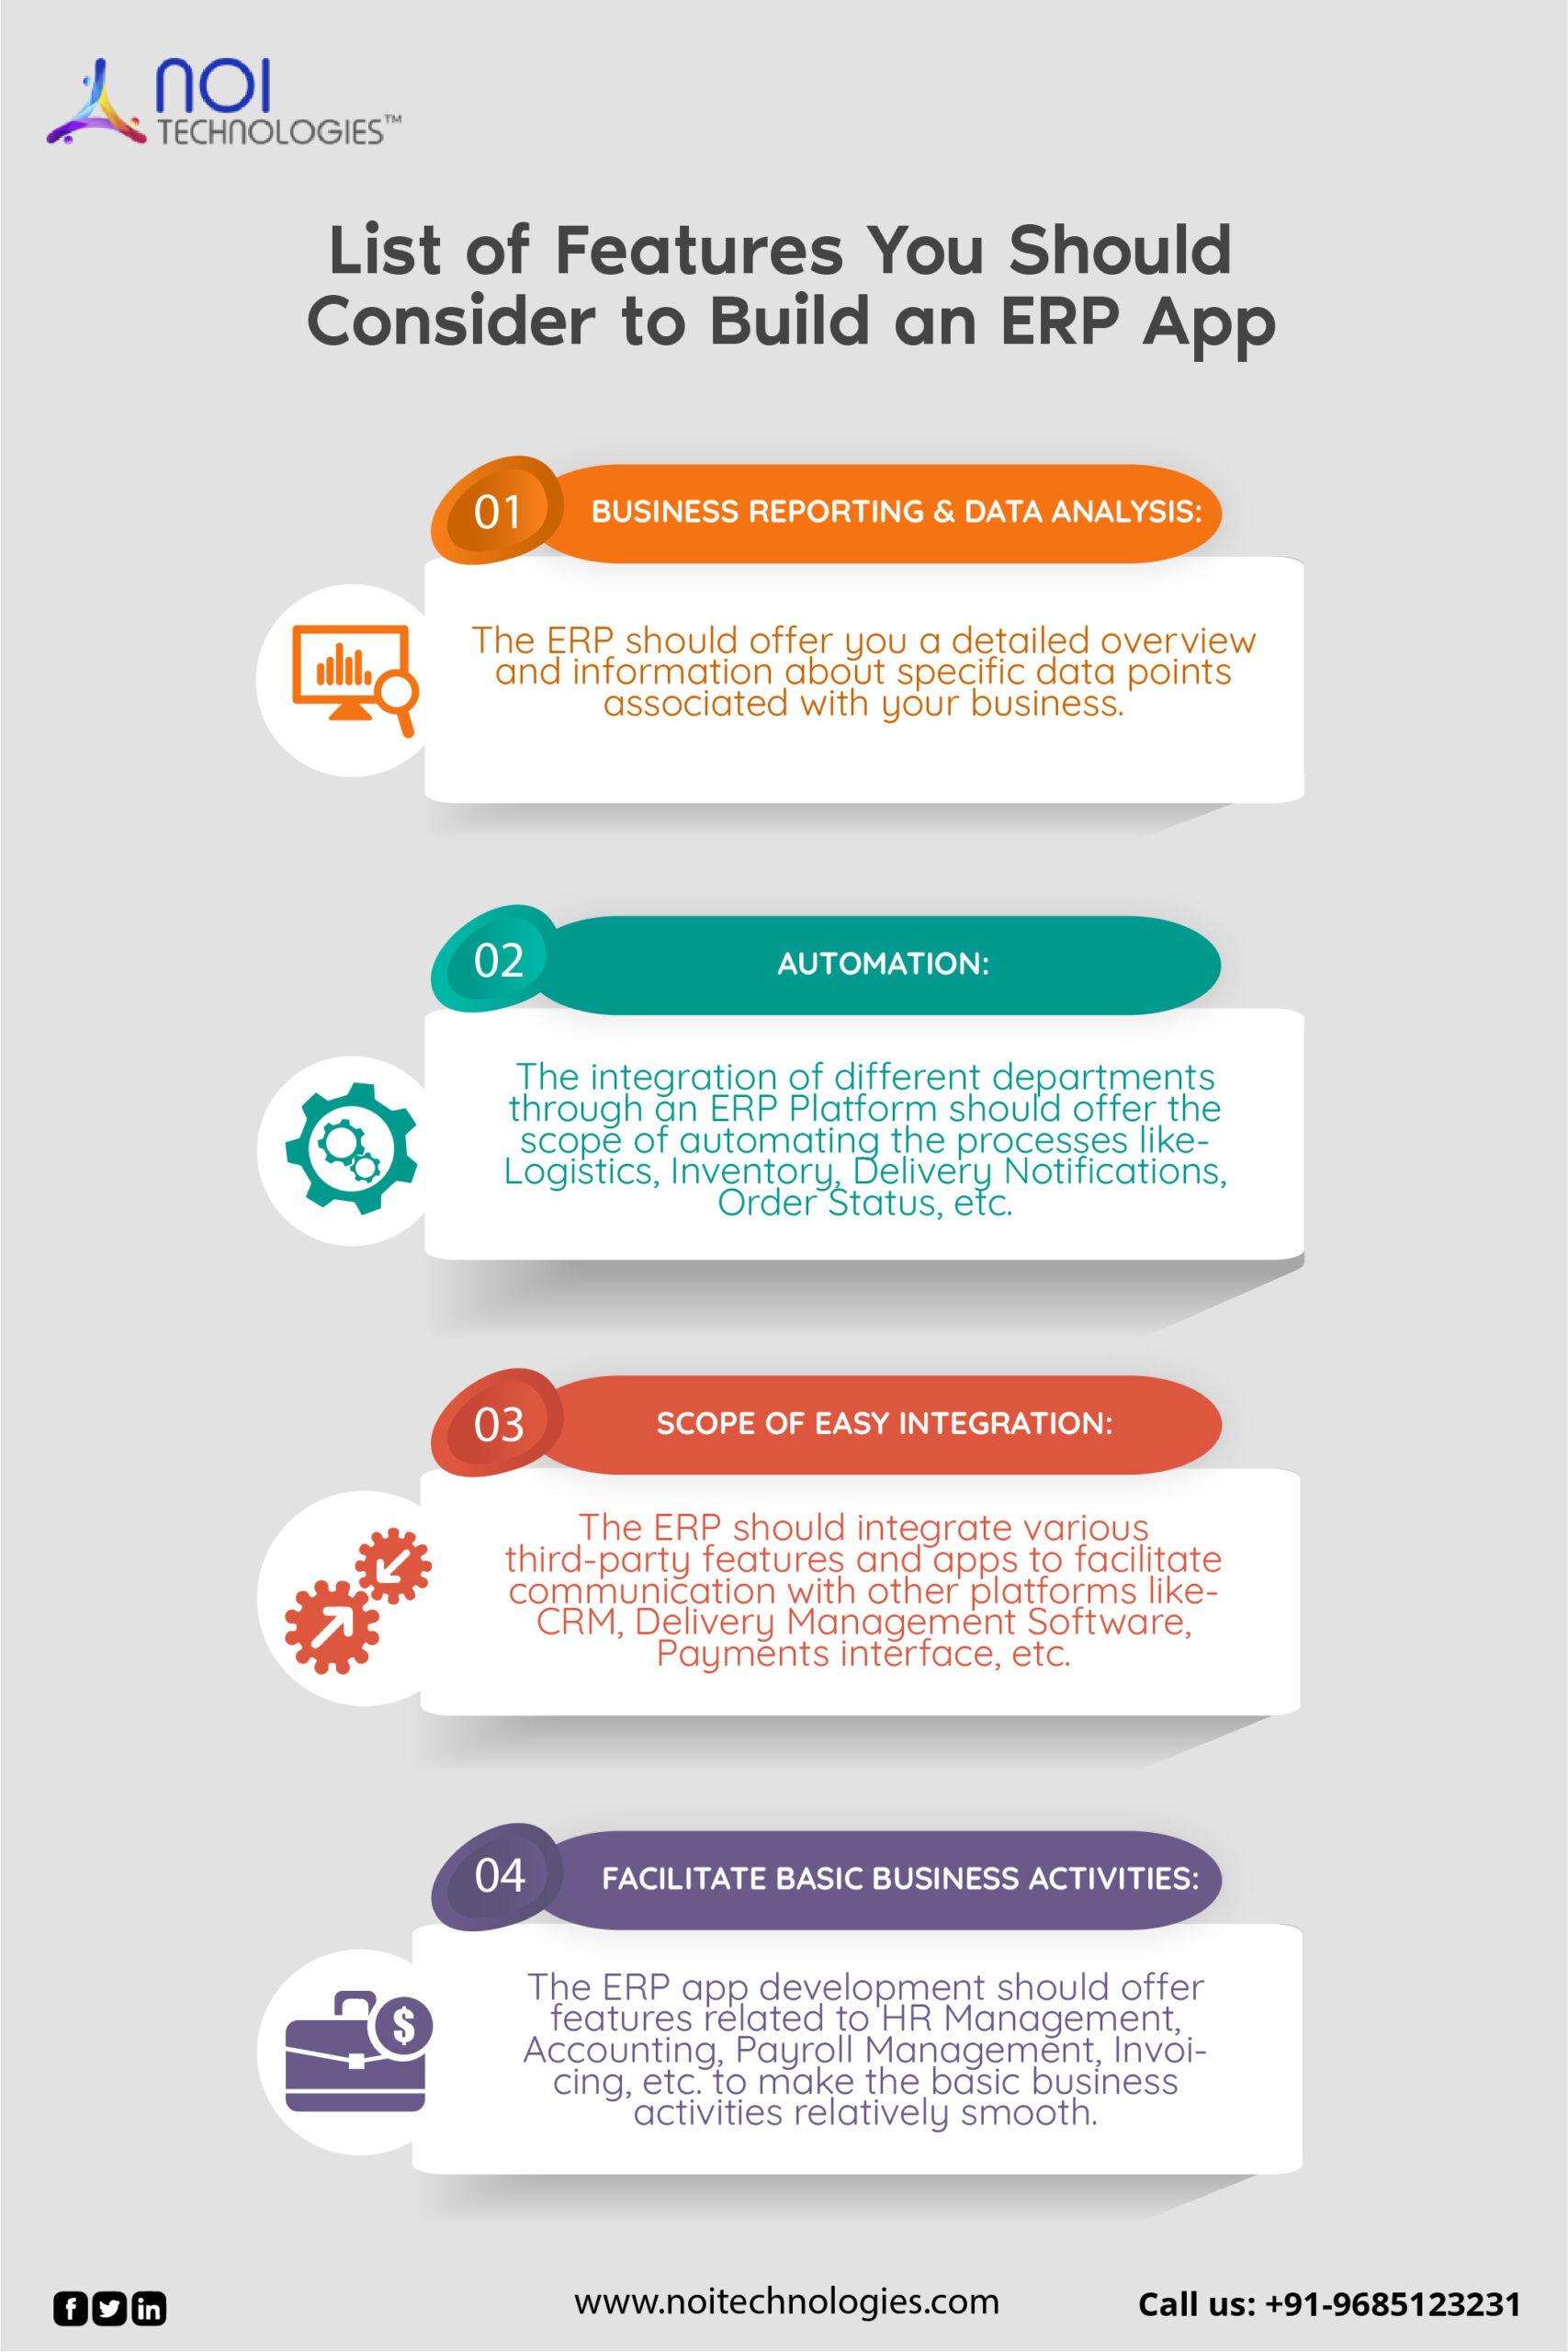 How to build an ERP app